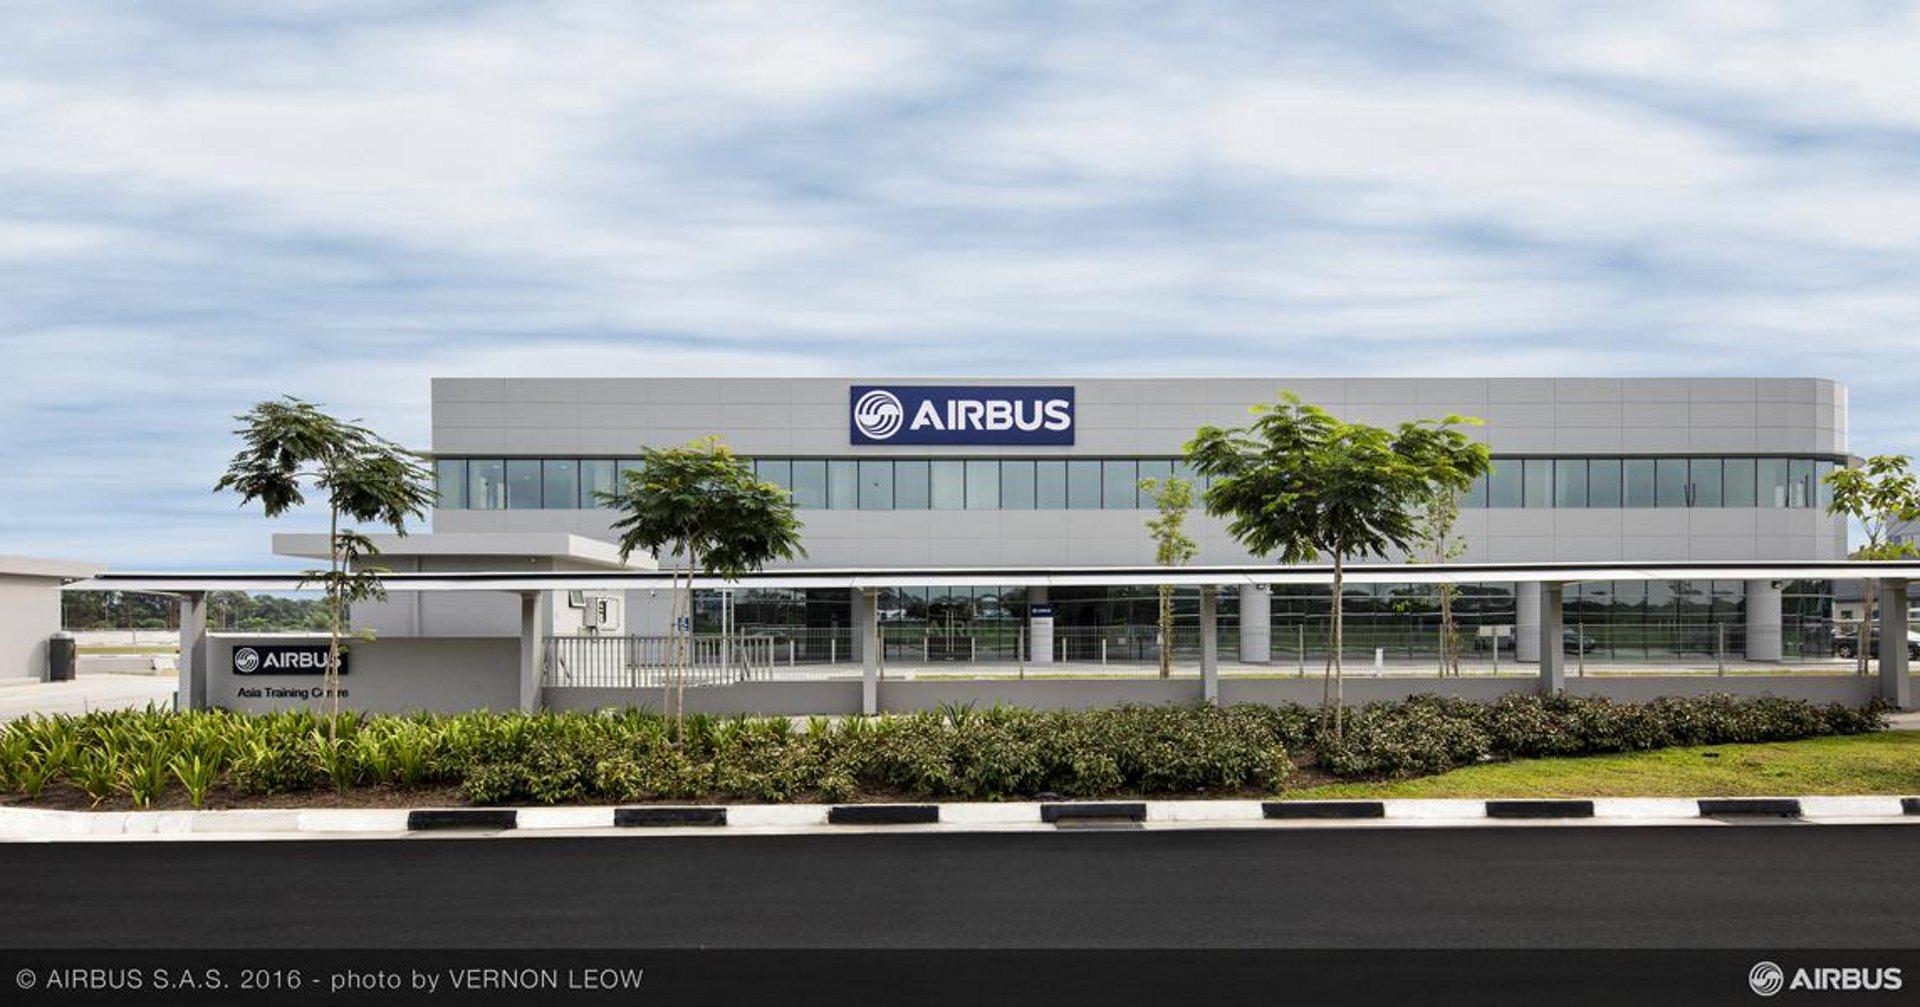 Airbus Asia-Pacific services 1 - Airbus Asia Training Centre